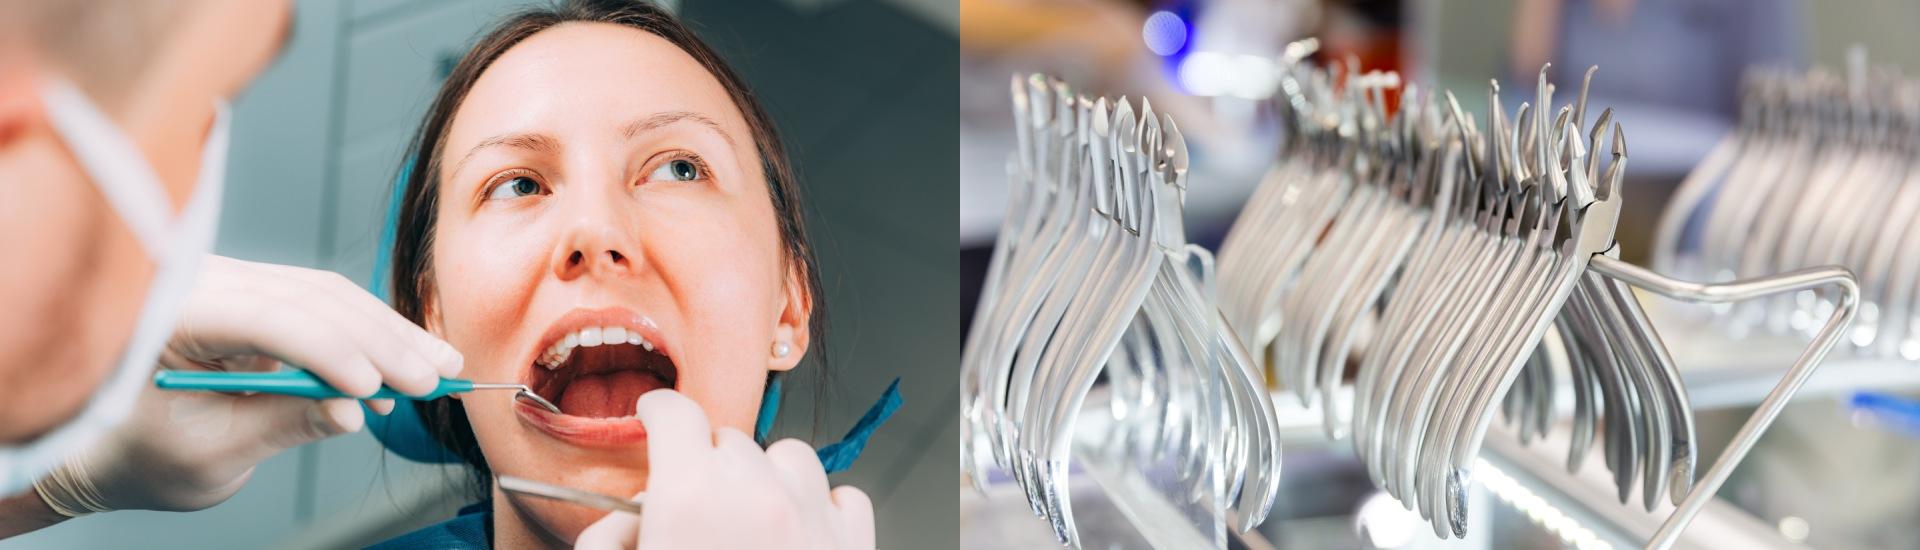 chirurgia orale roma casilina